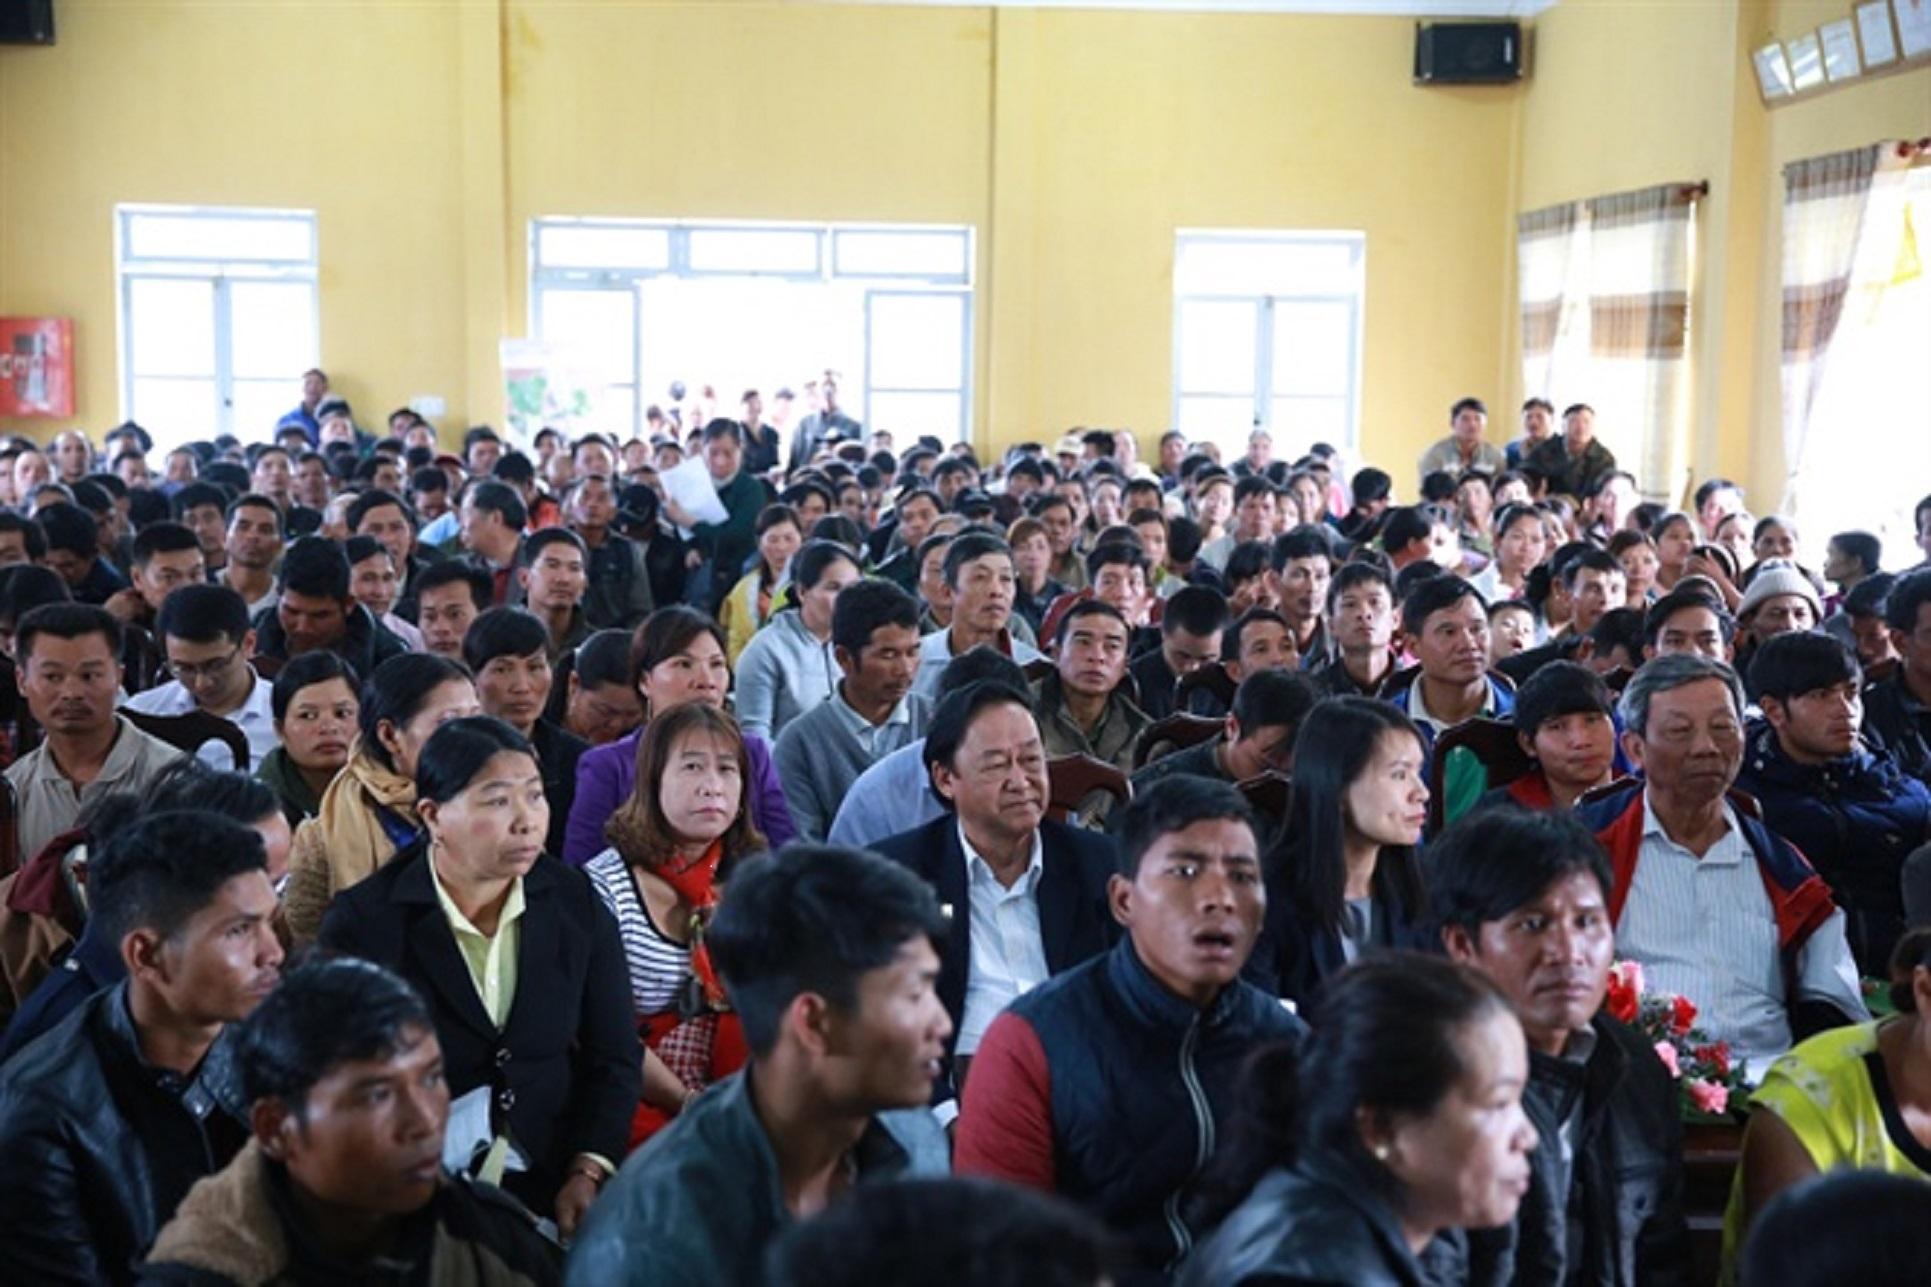 Hội trường không còn một chỗ trống, người dân ngồi vào cả khu vực sân khấu lắng nghe và đặt nhiều câu hỏi về trồng mắc ca